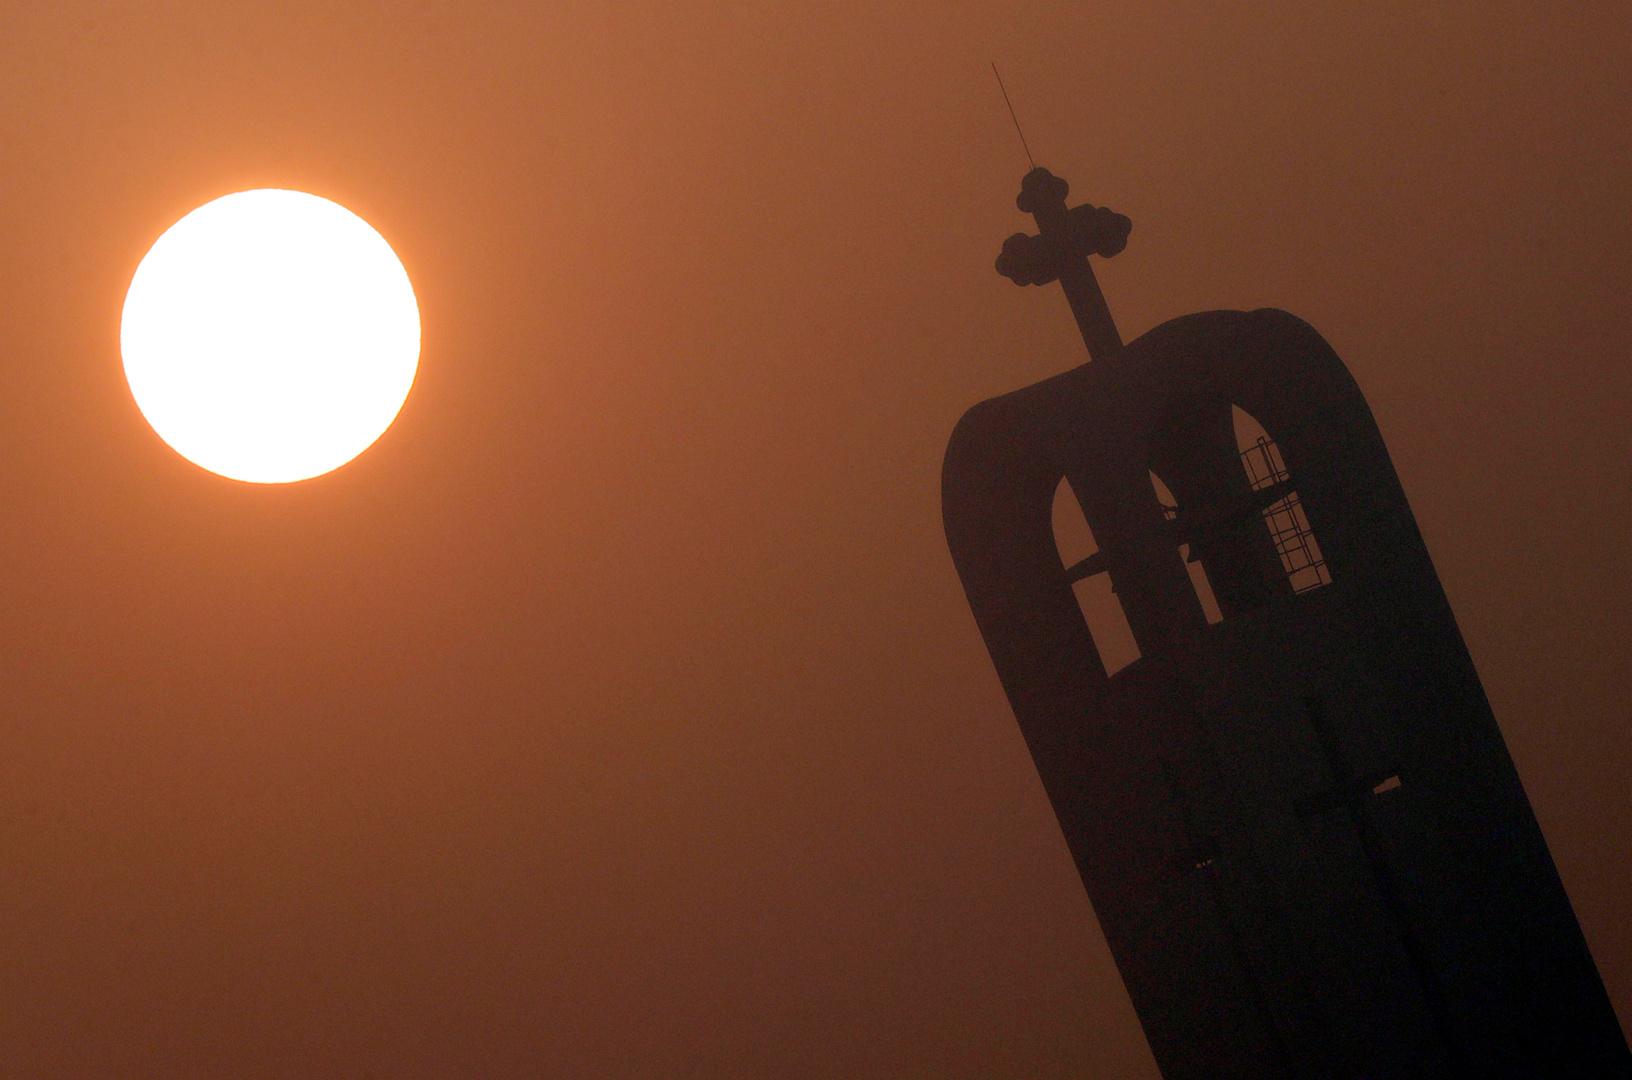 جدل كبير في مصر بعد قطع الكنيسة الروسية علاقاتها بكنيسة الروم الأرثوذكس.. والكنيسة القبطية ترد